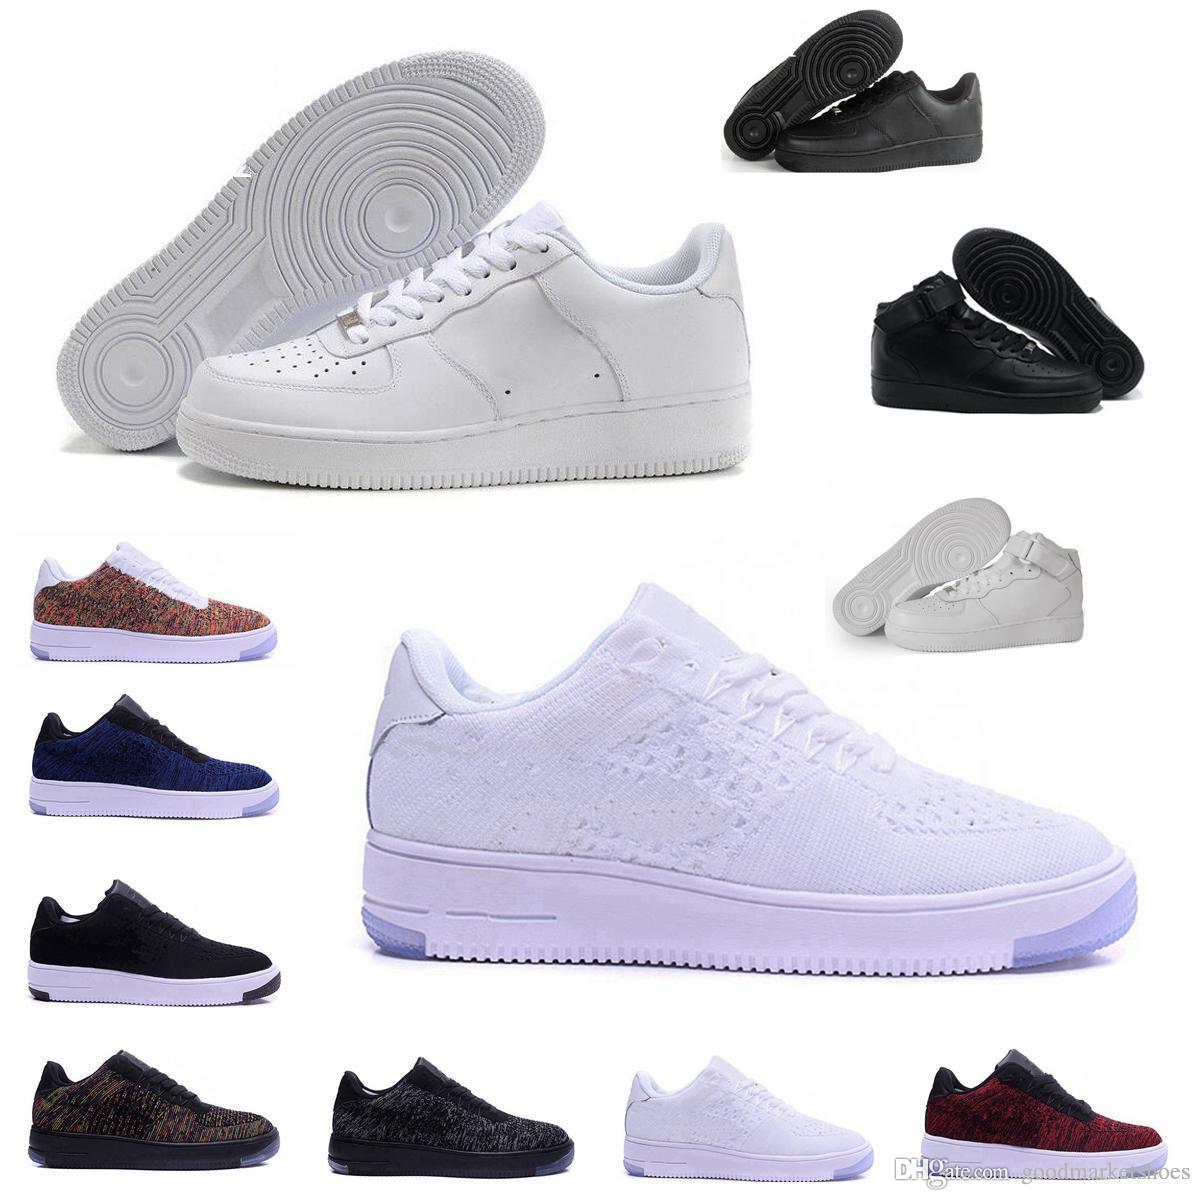 2019 Nike Air Force one 1 Af1 Mode Männer Schuhe Low One 1 Männer Frauen China Freizeitschuh Fly Designer Royums Typ Atmen Skate stricken Femme Homme 36-45